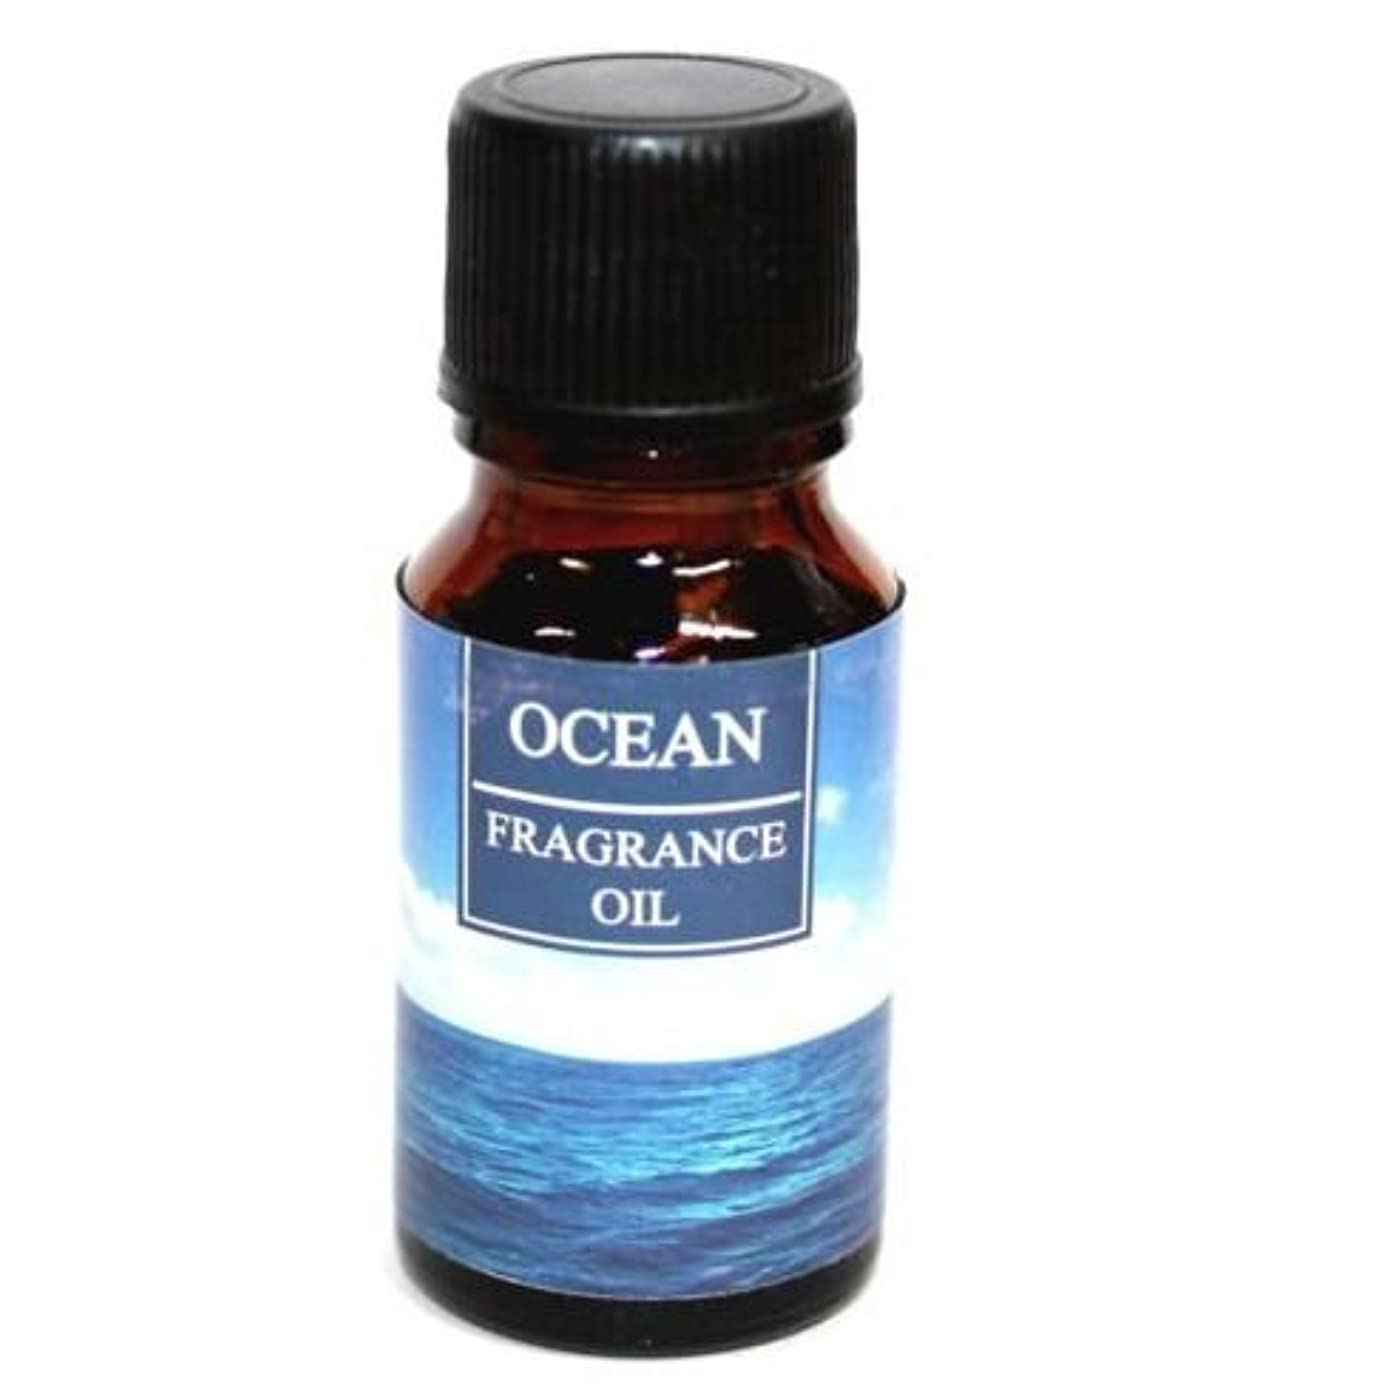 主導権クラブ奇跡的なRELAXING アロマオイル AROMA OIL フレグランスオイル OCEAN 海の香り RQ-10